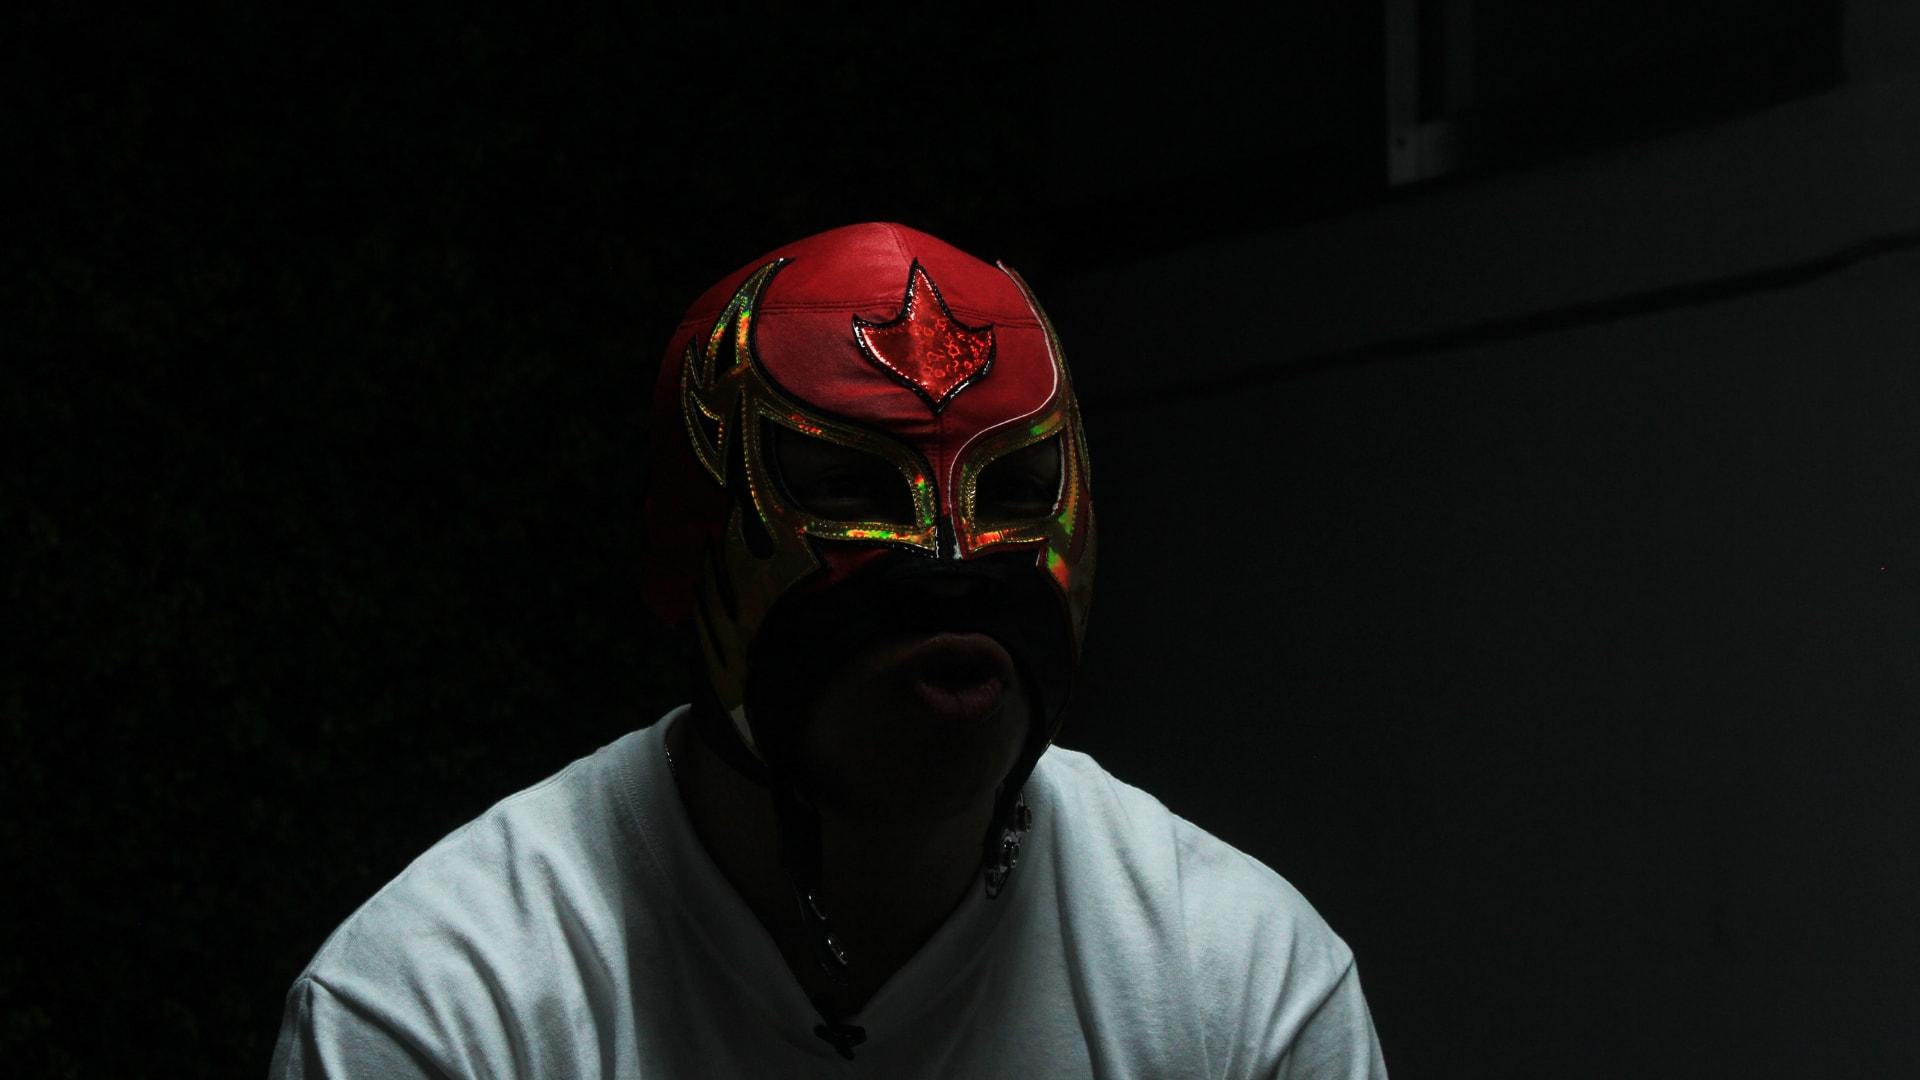 Fotos de lucha libre